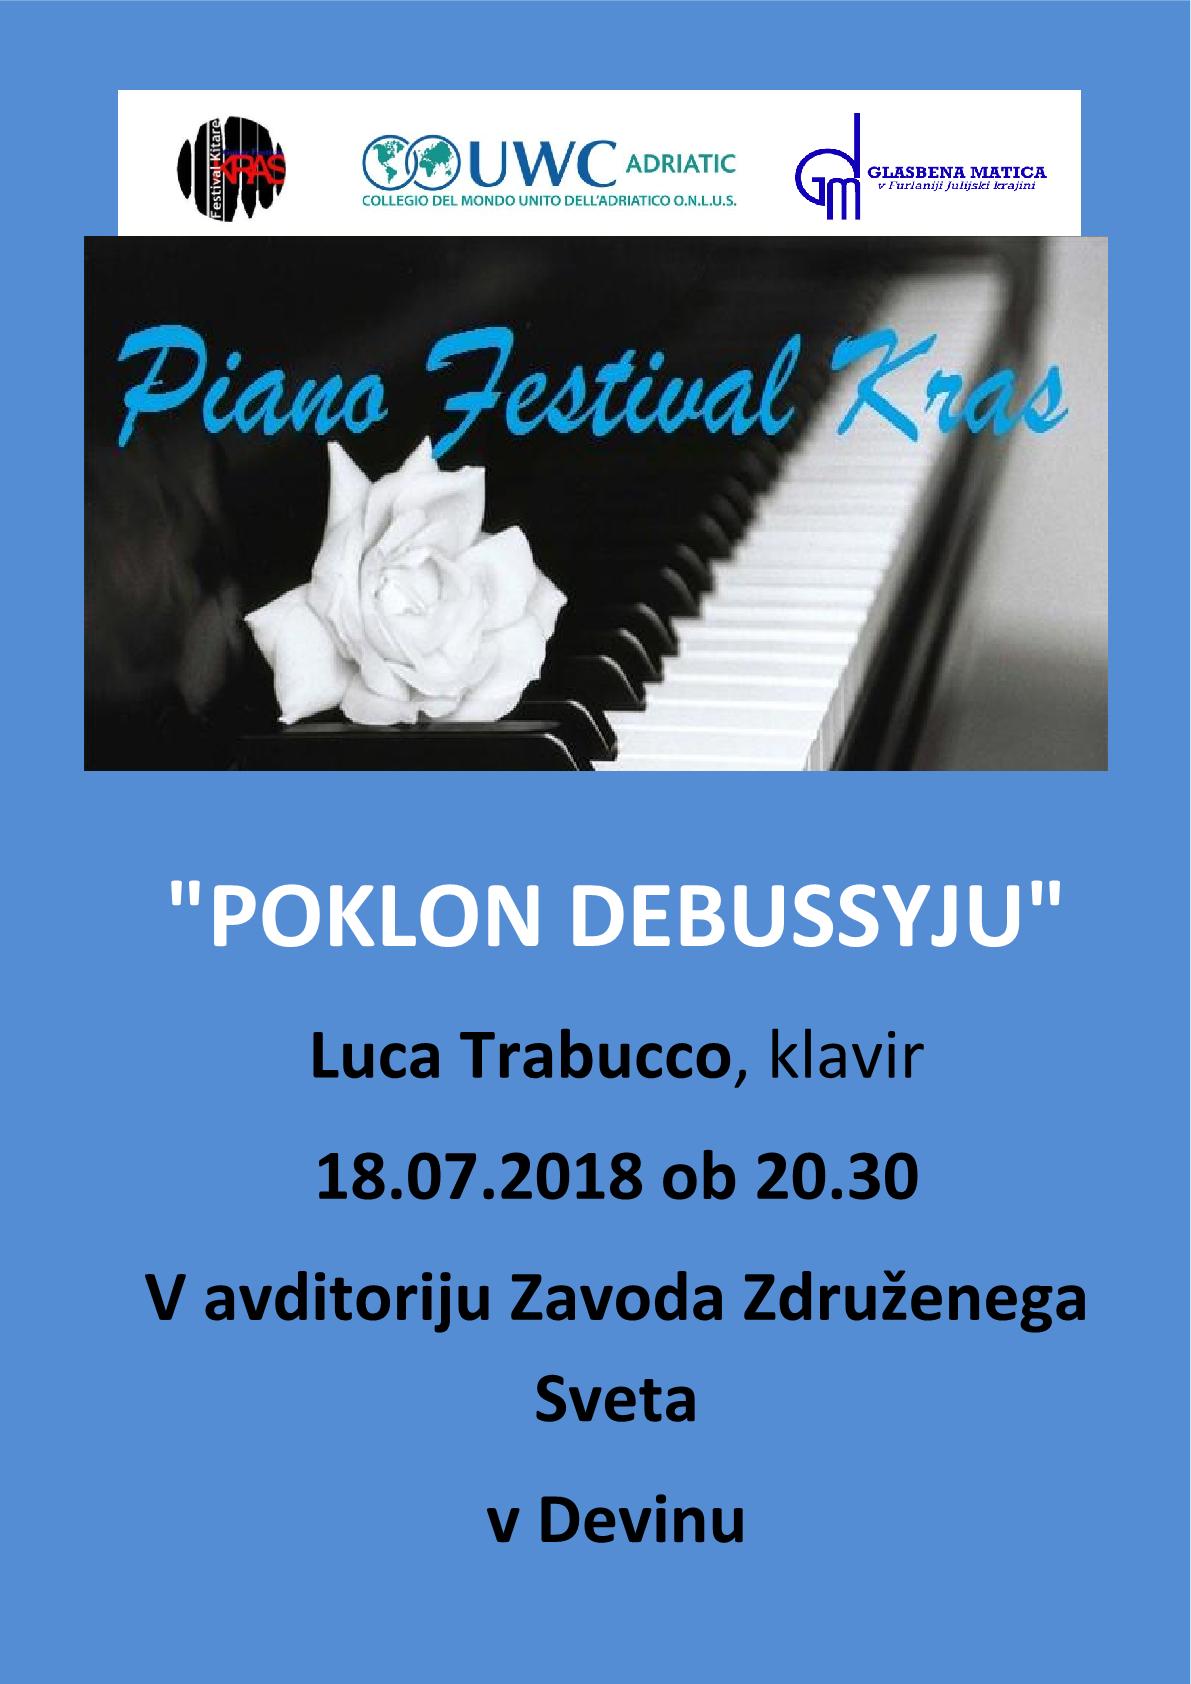 18.7.2018 ob 20.30 uri – koncert v Devinu